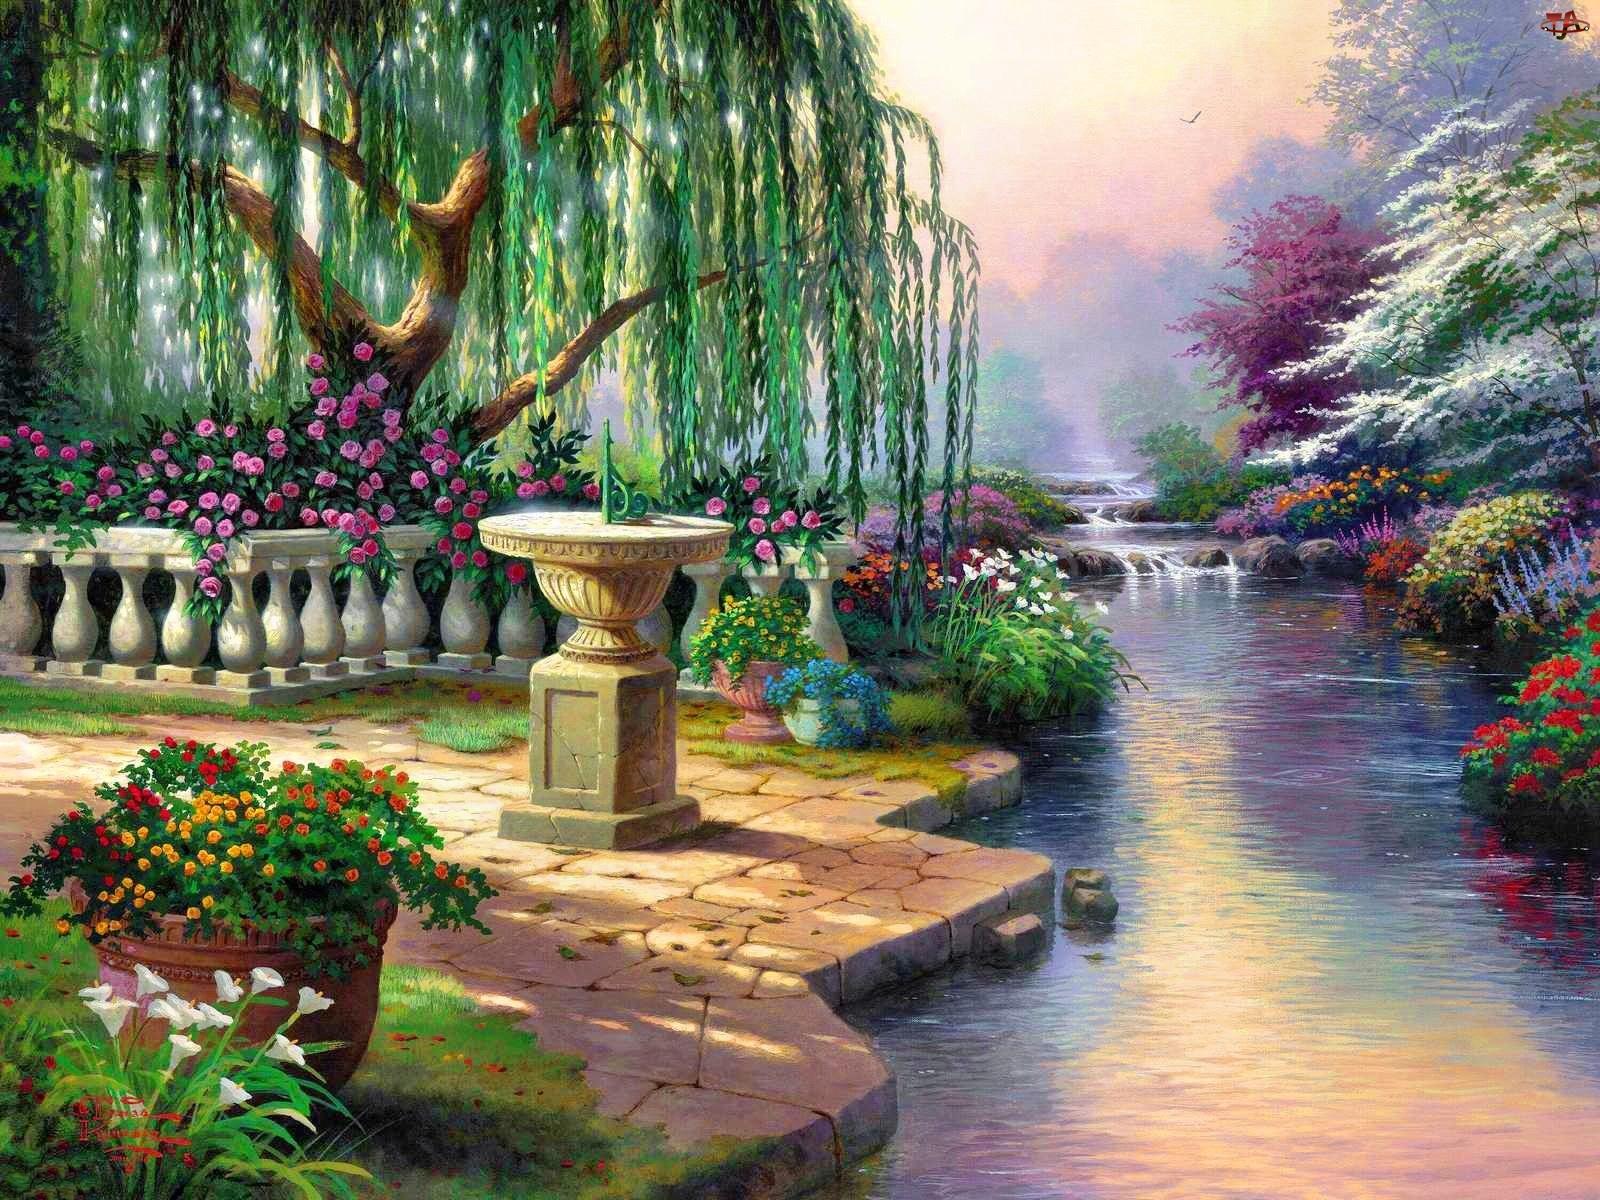 Malarstwo, Piękny, Ogród